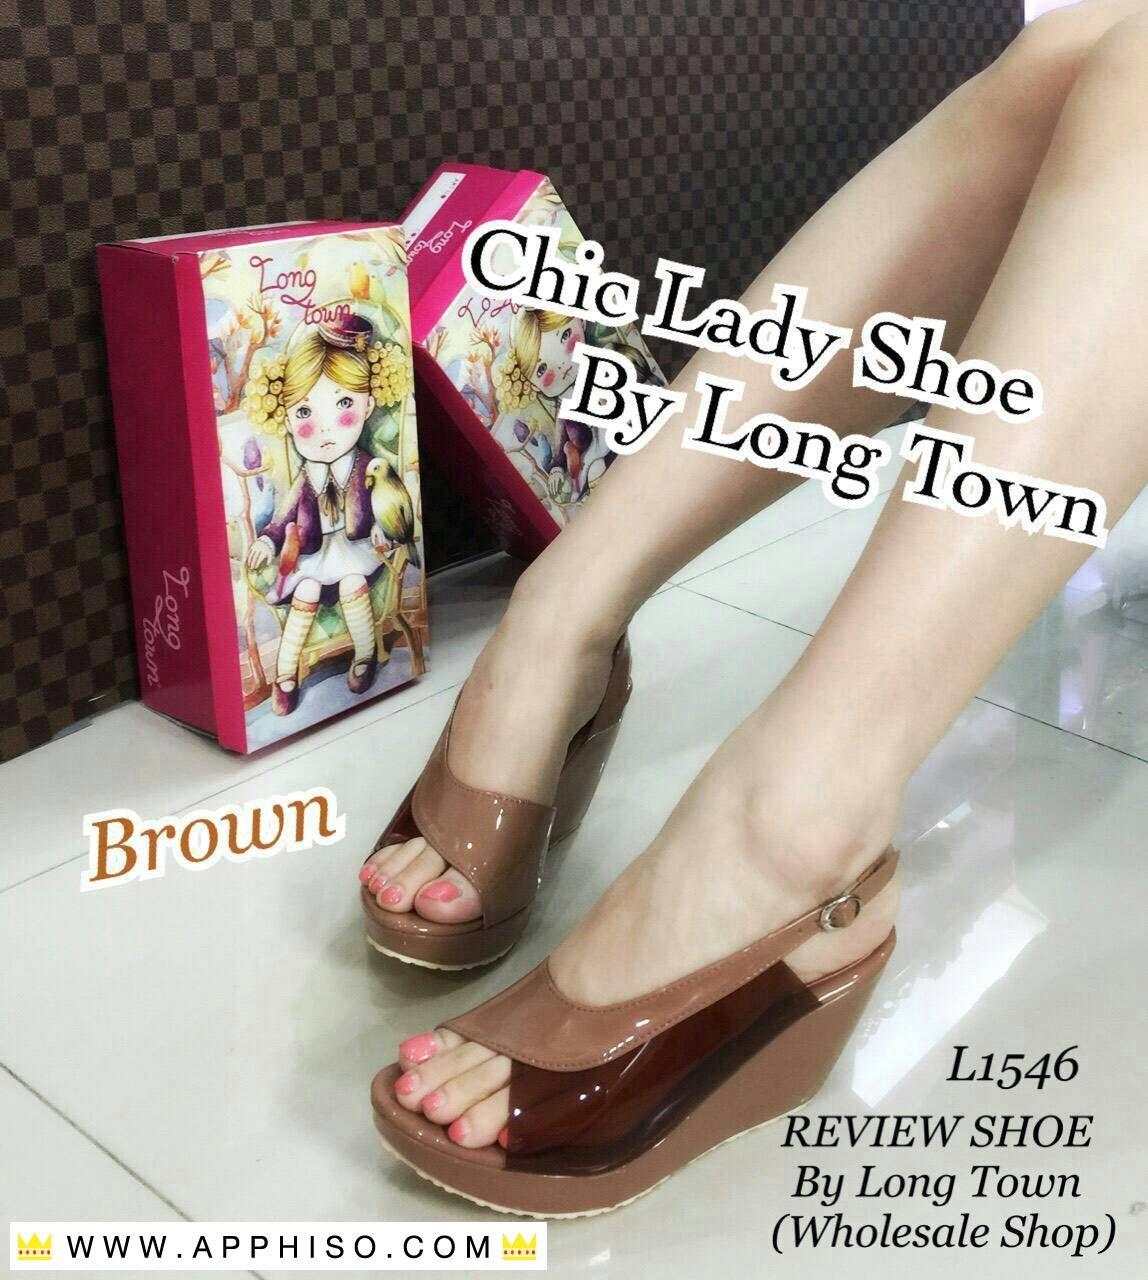 รองเท้าแฟชั่น ราคาถูกติดดิน จำหน่ายสินค้าแฟชั่นมากมาย Tel. 090-916-7712 // Line : apphisoplus // Facebook : apphisoplus // Instagram : apphisoplus // Website : http://apphiso.com